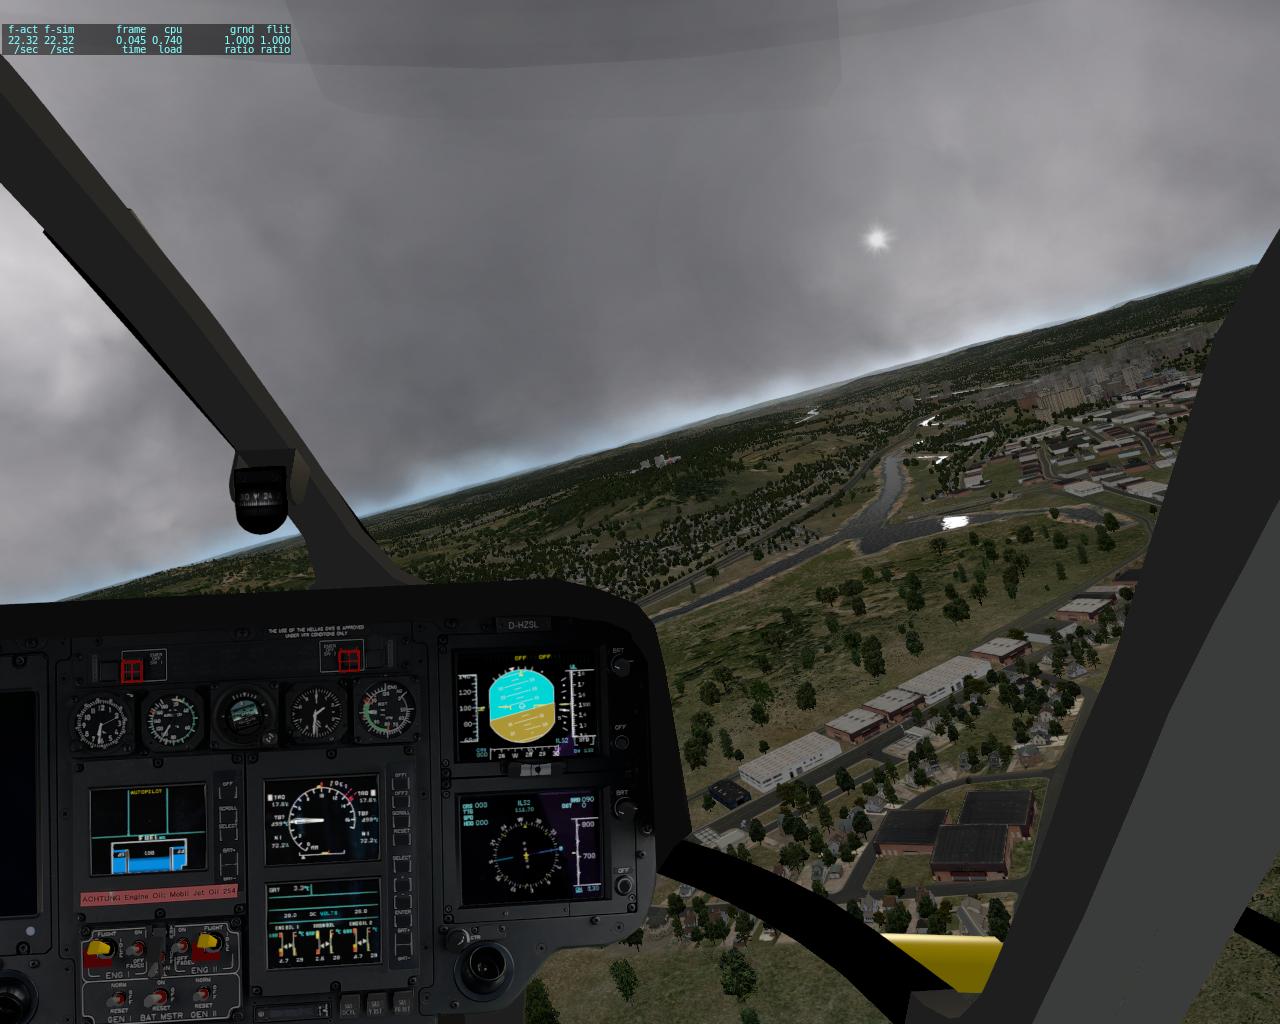 Blick aus dem Cockpit bei aufziehendem Gewitter